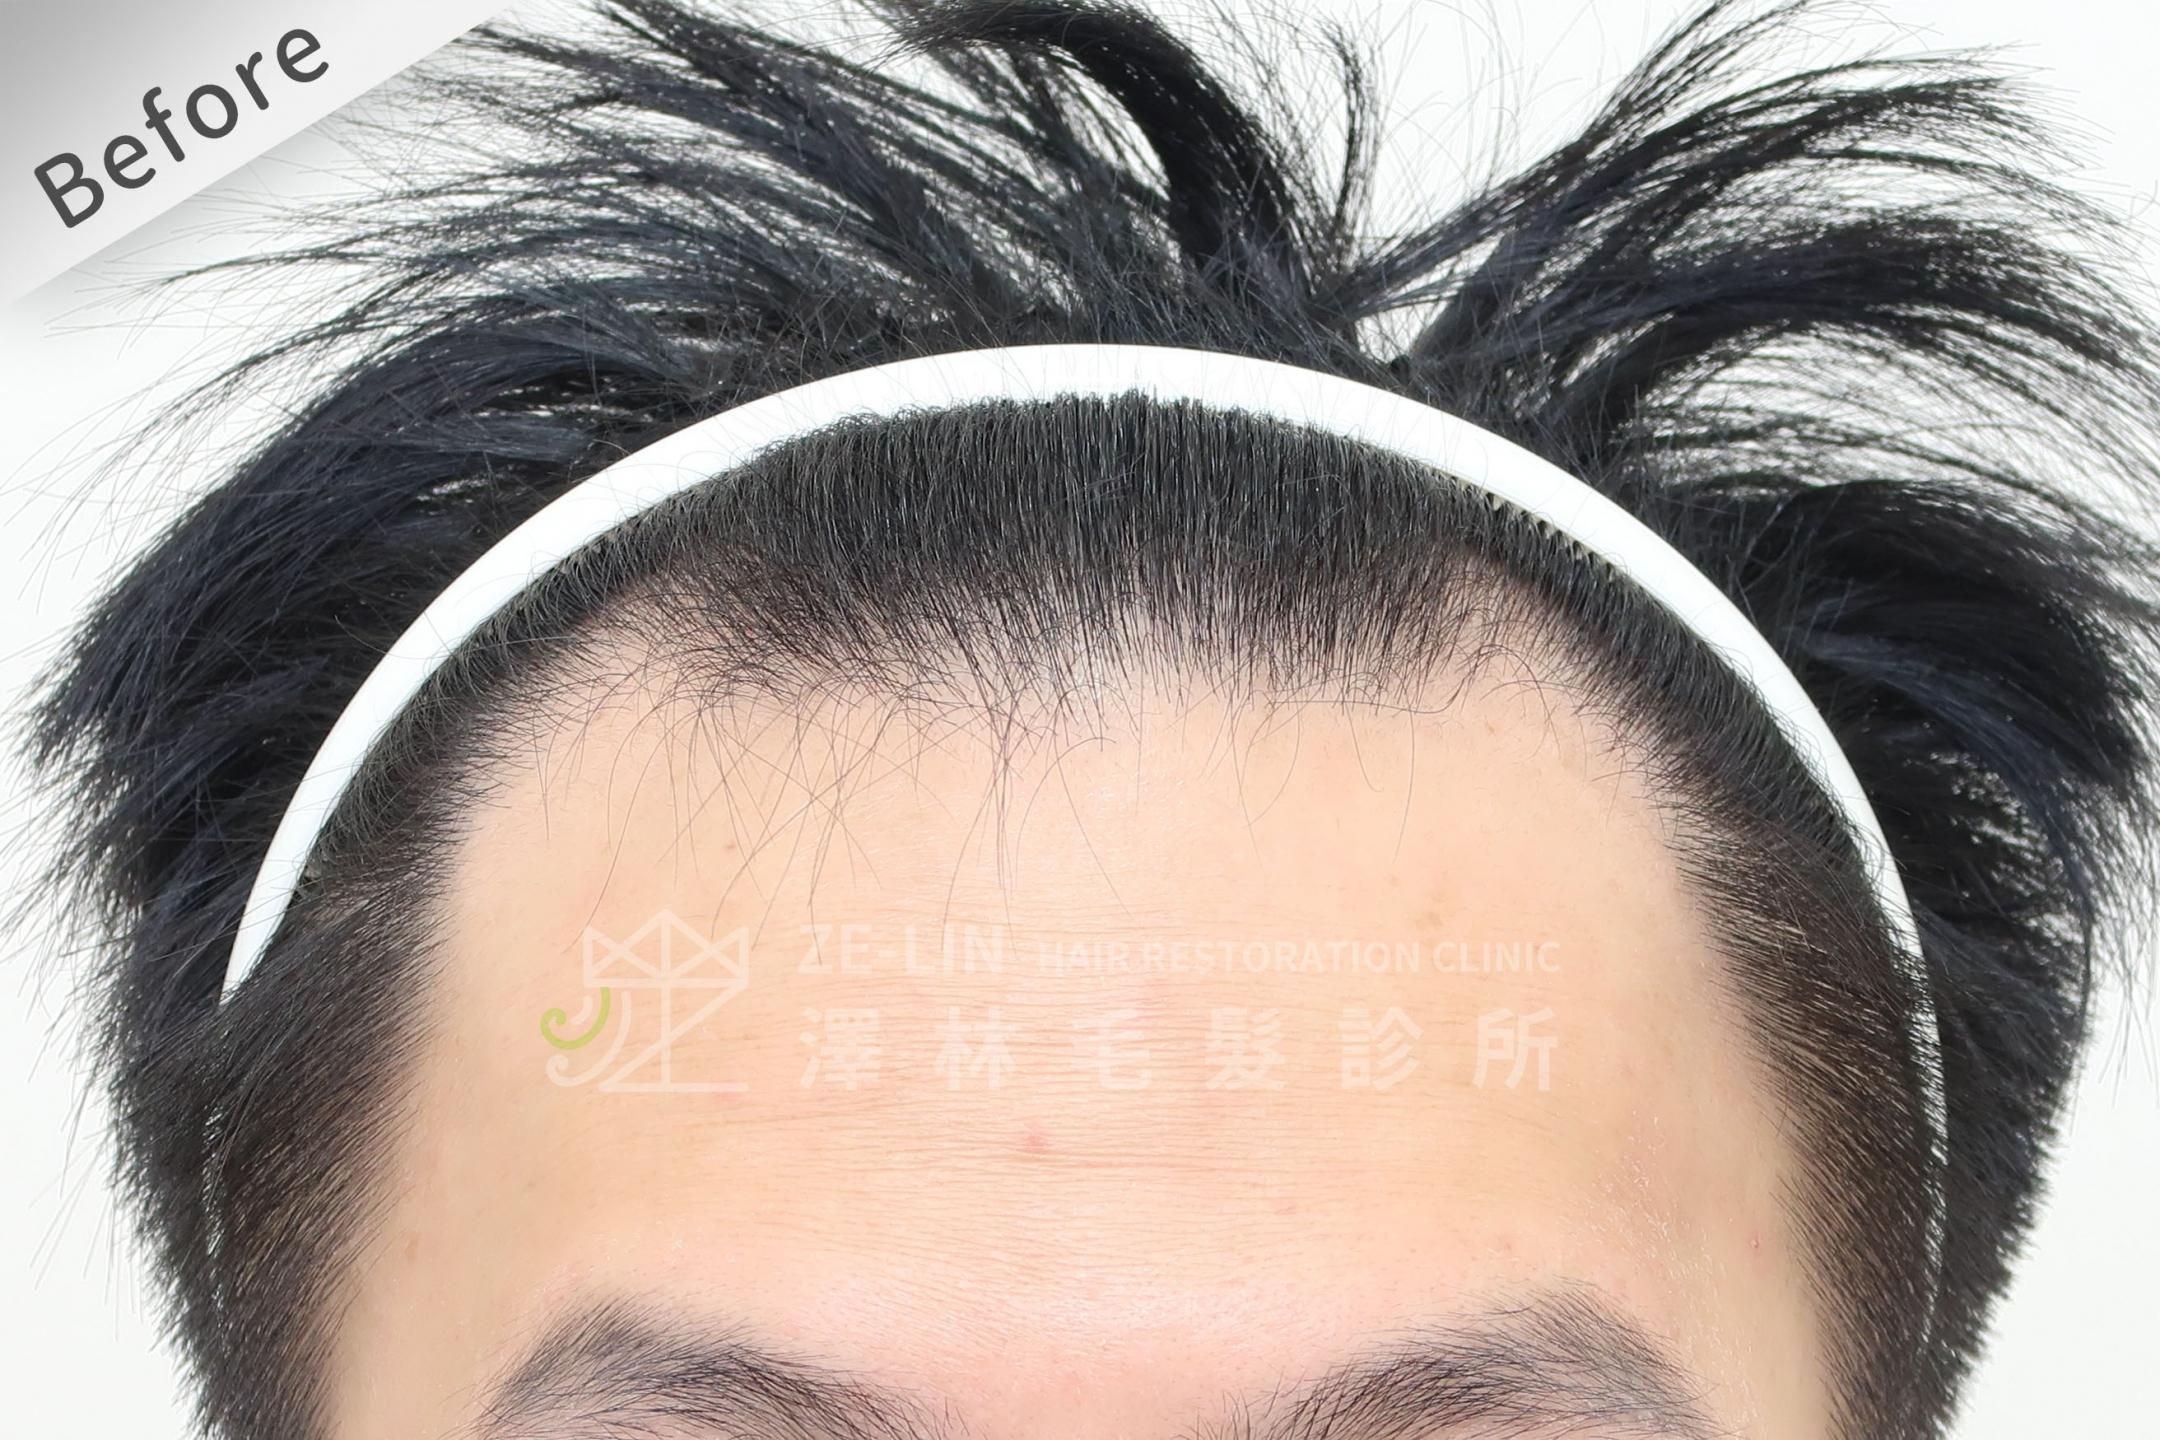 M型雄性髮際線FUE植髮手術高存活率案例心得分享術前